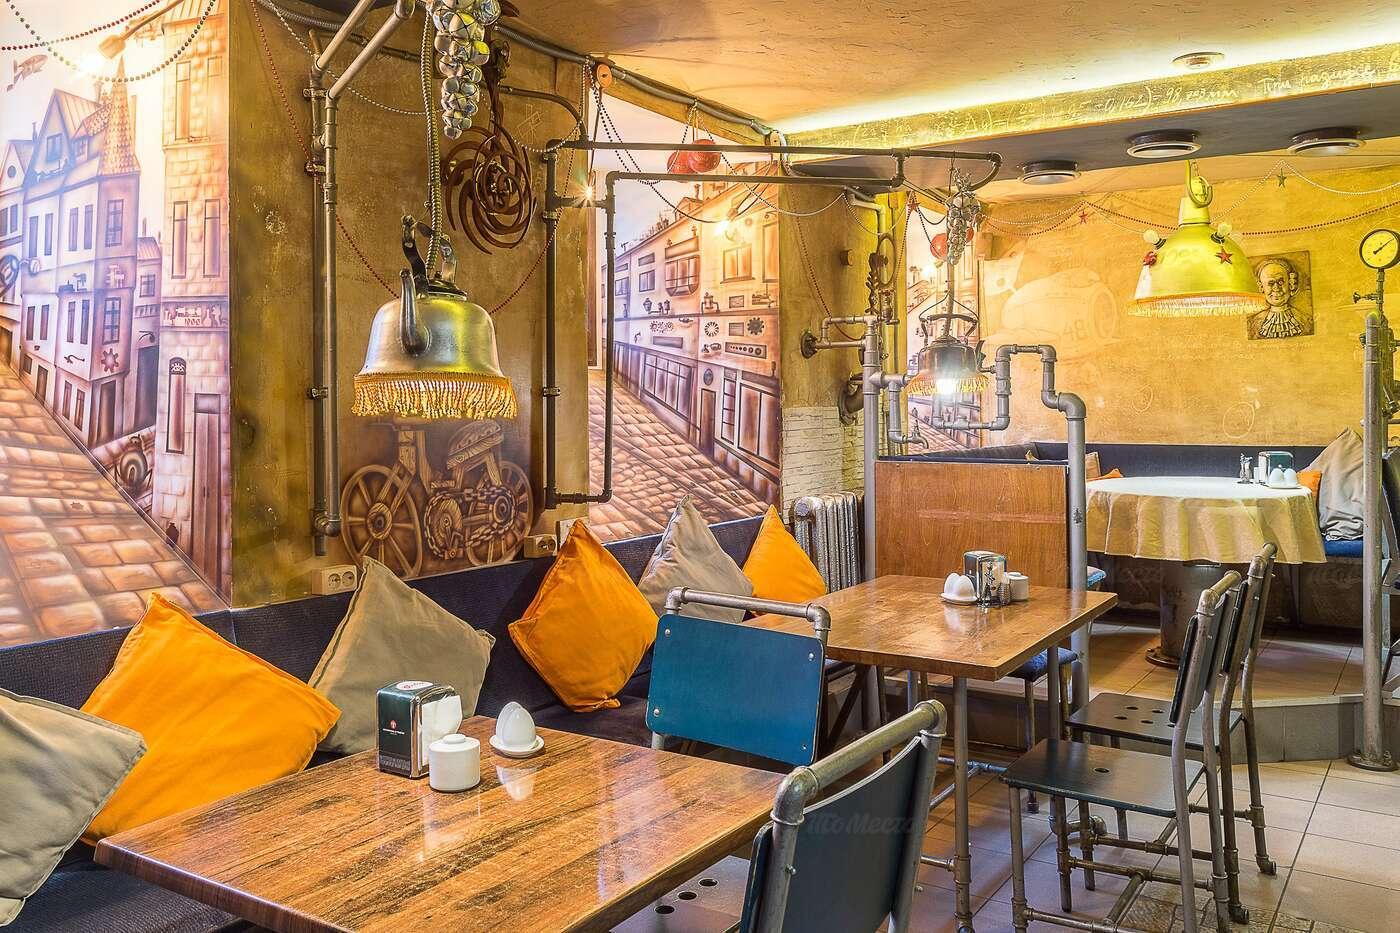 Кафе Заводные яйца на Фурштатской улице фото 3